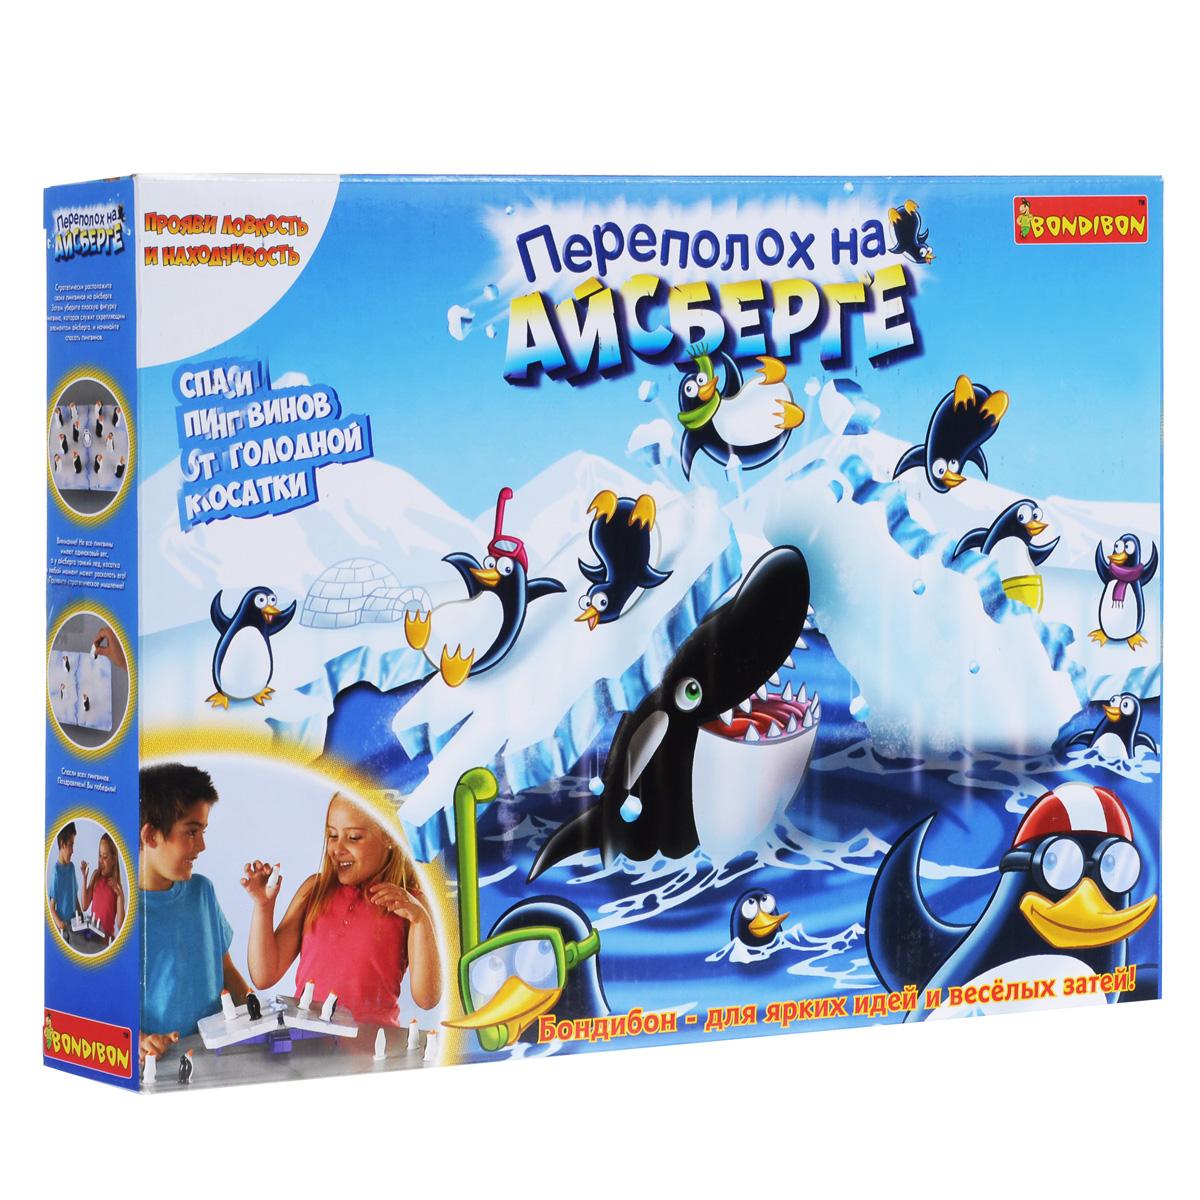 Настольная игра Bondibon Переполох на айсбергеВВ1118Настольная игра Bondibon Переполох на айсберге - увлекательная игра, развивающая смекалку и находчивость. Задача игроков - спасти как можно больше пингвинов до того, как расколется айсберг и косатка успеет съесть их. Для этого необходимо стратегически расположить своих пингвинов, затем убрать плоскую фигурку пингвина, которая служит скрепляющим элементом, и начать спасать птиц! Нужно быть осторожным: не все пингвины имеют одинаковый вес, а у айсберга тонкий лед, который косатка может расколоть в любой момент. Спасти всех пингвинов, убрав их с поверхности треснувшего айсберга непросто, но, если порядок спасения пингвинов будет правильным, то ни одна птица не достанется голодной косатке, а переполох на айсберге закончится без потерь. В набор входит игровое поле-айсберг, 12 пингвинов, косатка, скрепляющий элемент в виде пингвина и подробные правила игры на русском языке. Игра рассчитана на компанию из 2-4 игроков - вместе веселее! Она поможет эмоциональному...